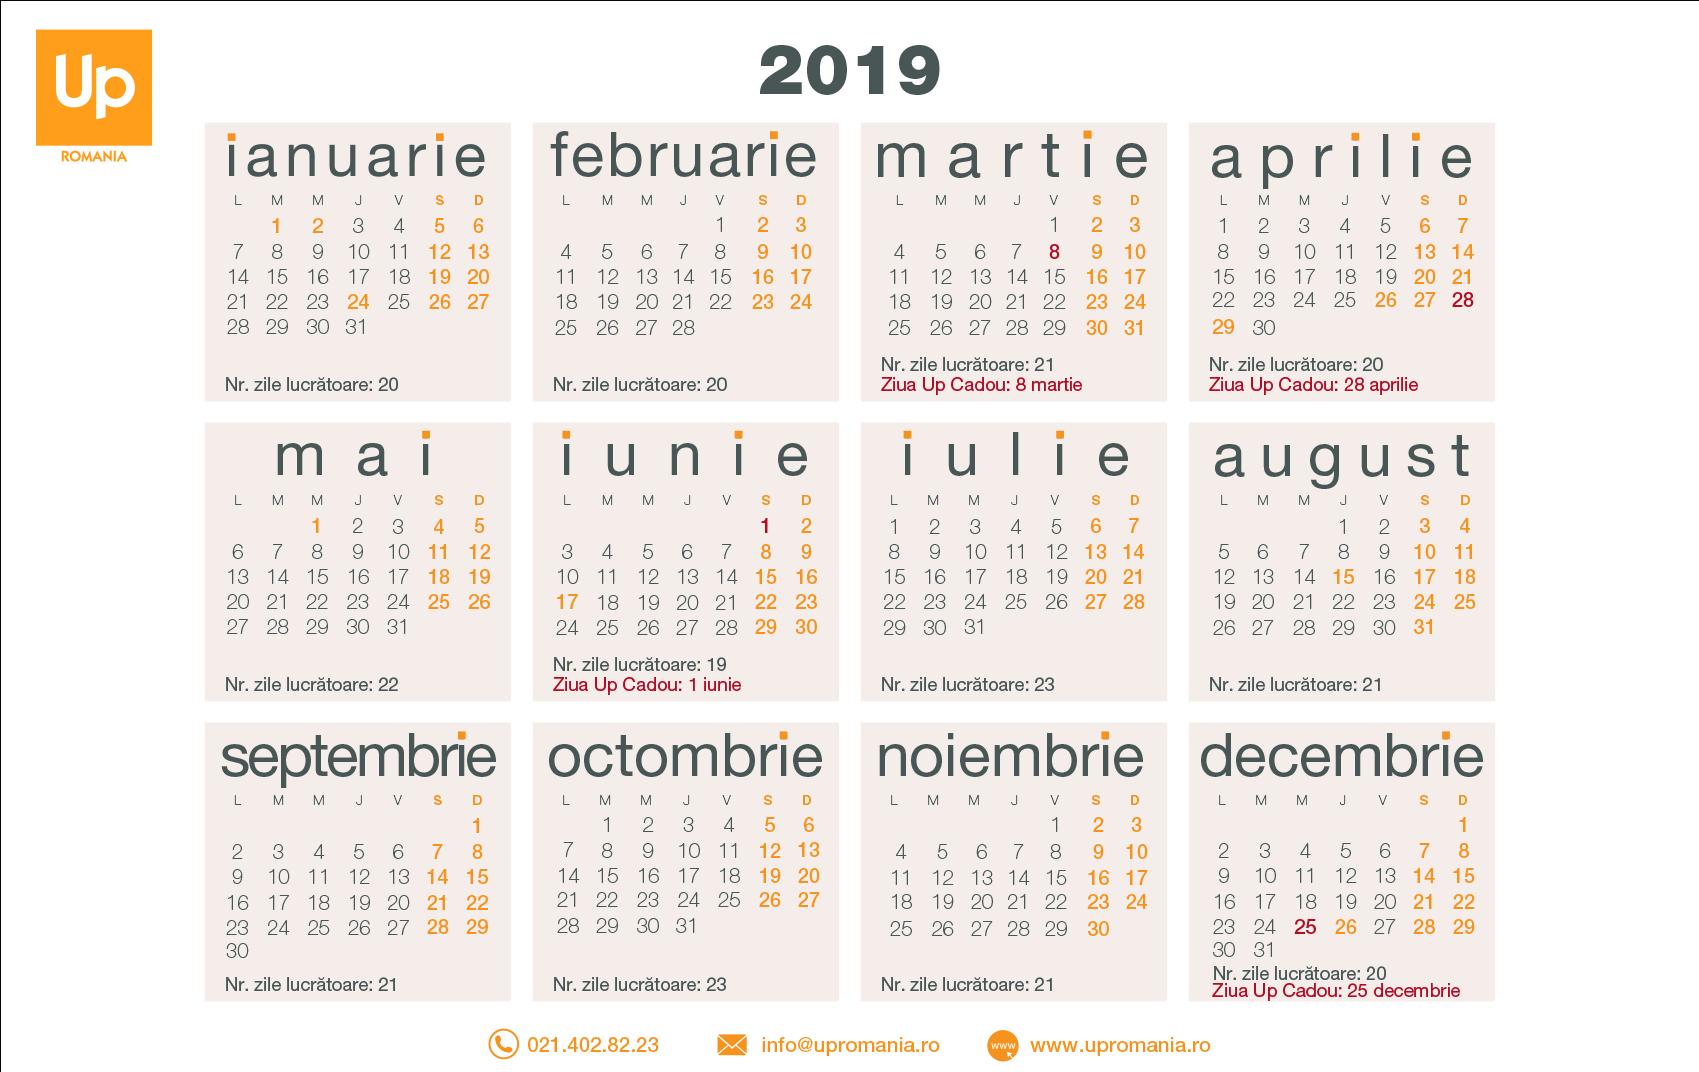 Calendar Zile Lucratoare 2019 | Up Romania